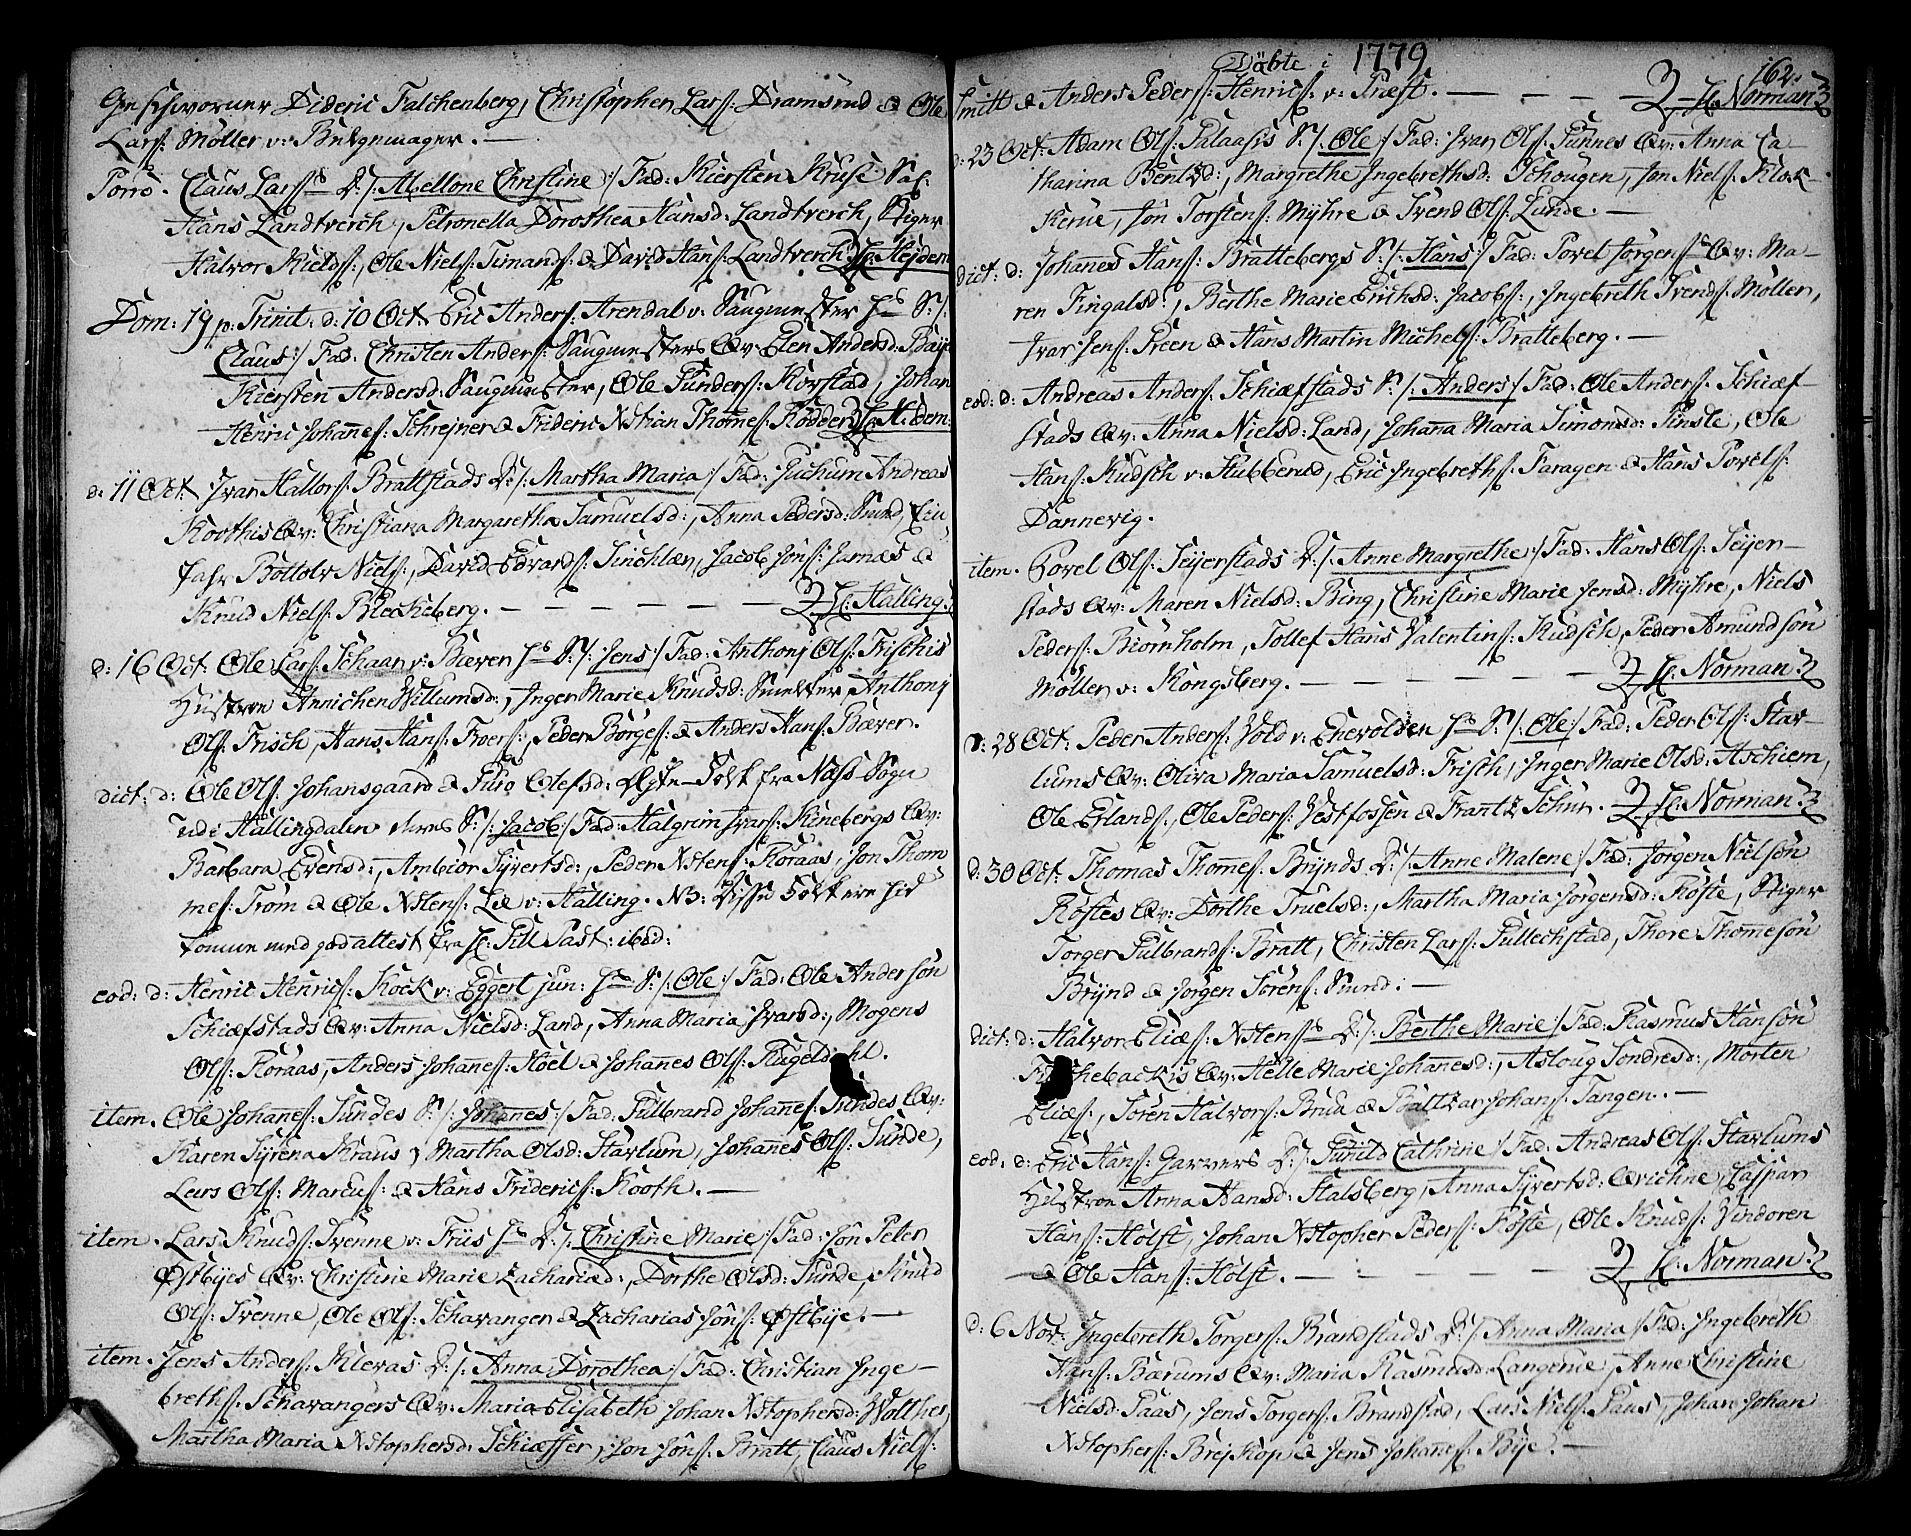 SAKO, Kongsberg kirkebøker, F/Fa/L0005: Ministerialbok nr. I 5, 1769-1782, s. 162